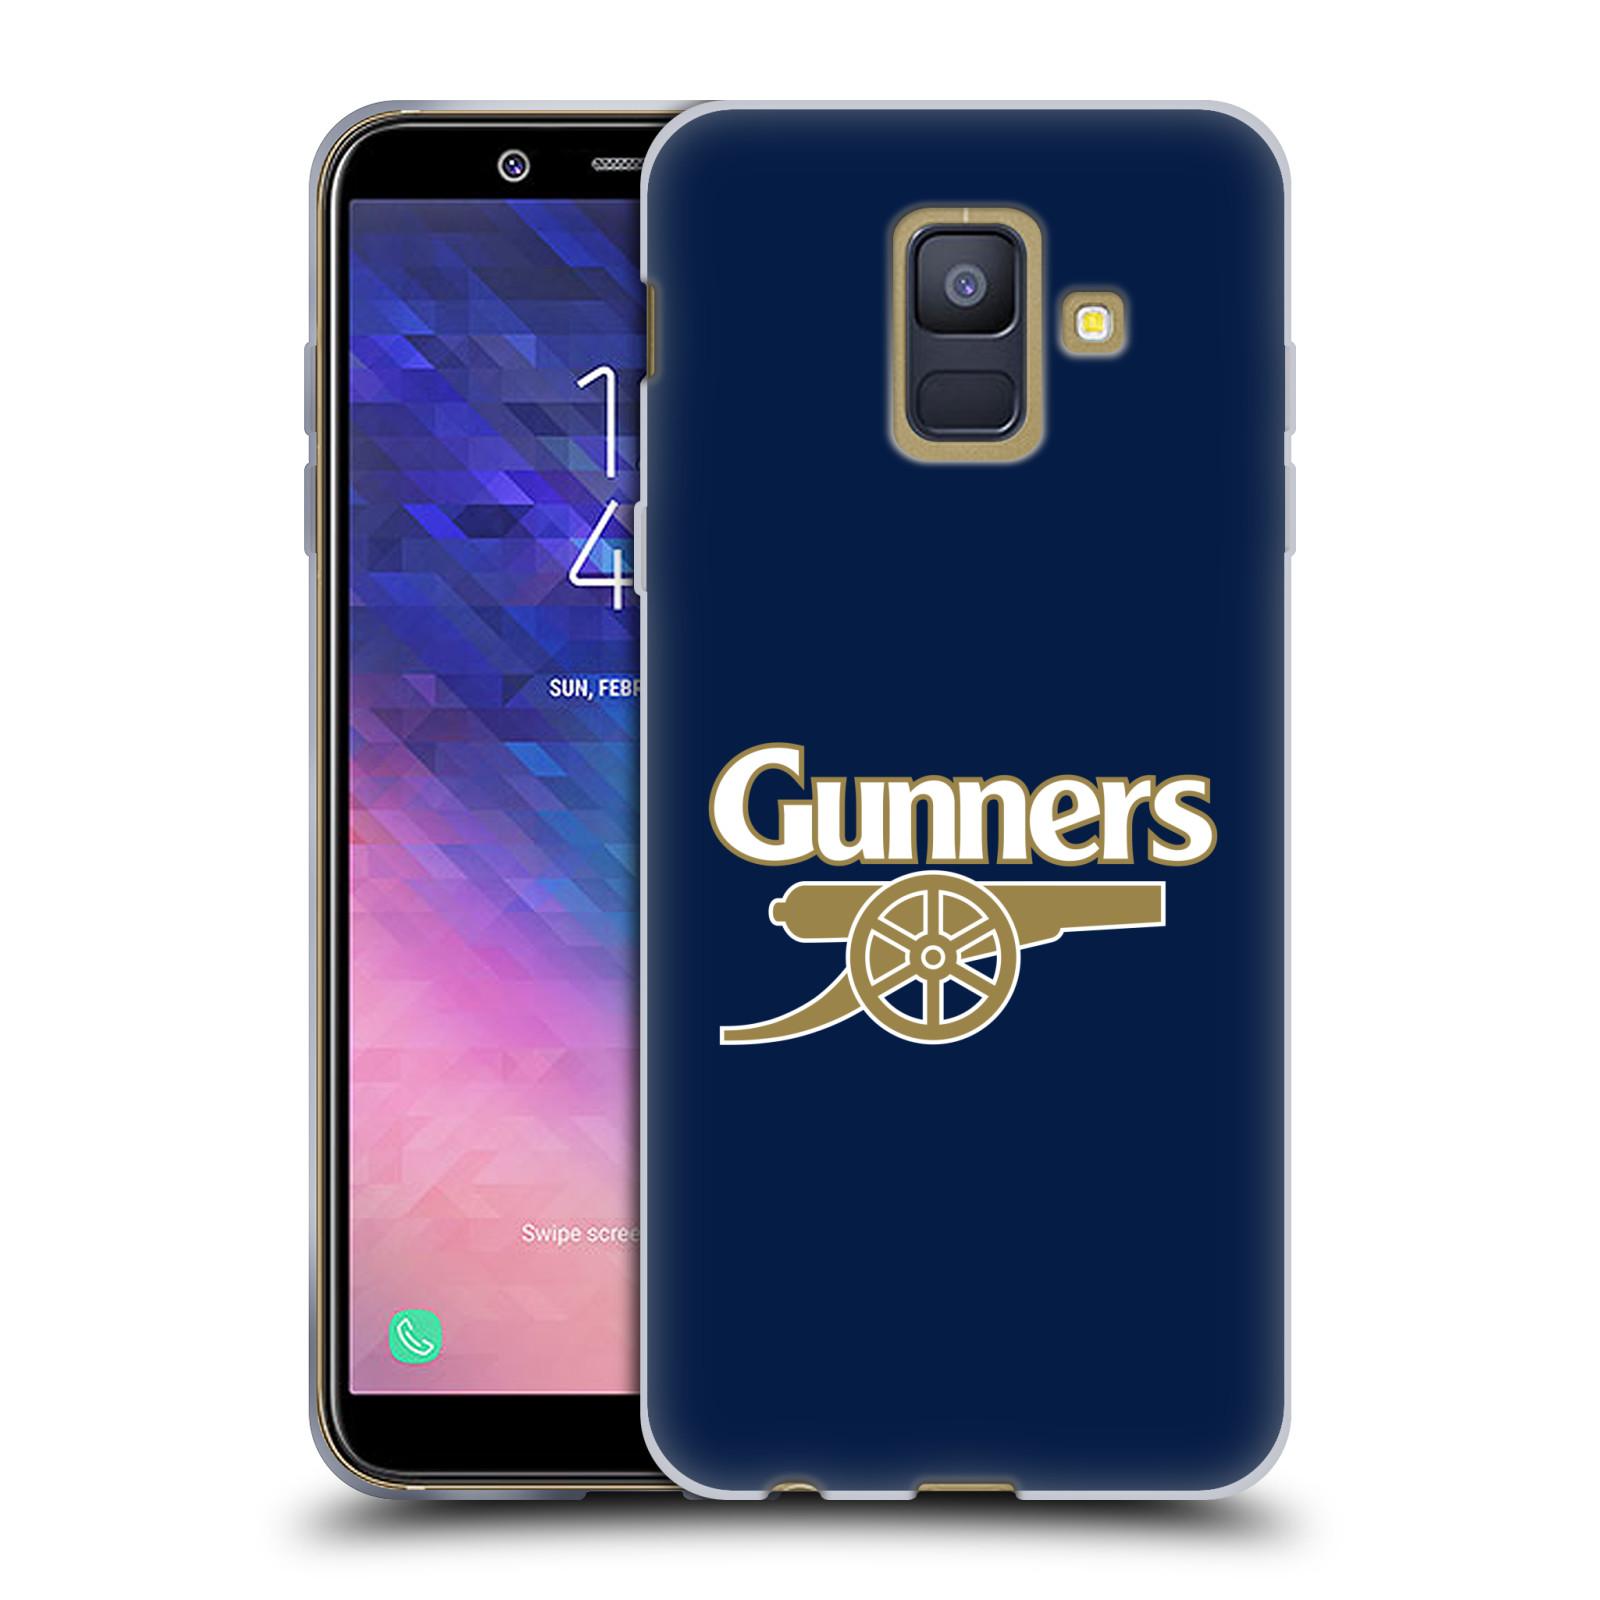 Silikonové pouzdro na mobil Samsung Galaxy A6 (2018) - Head Case - Arsenal FC - Gunners